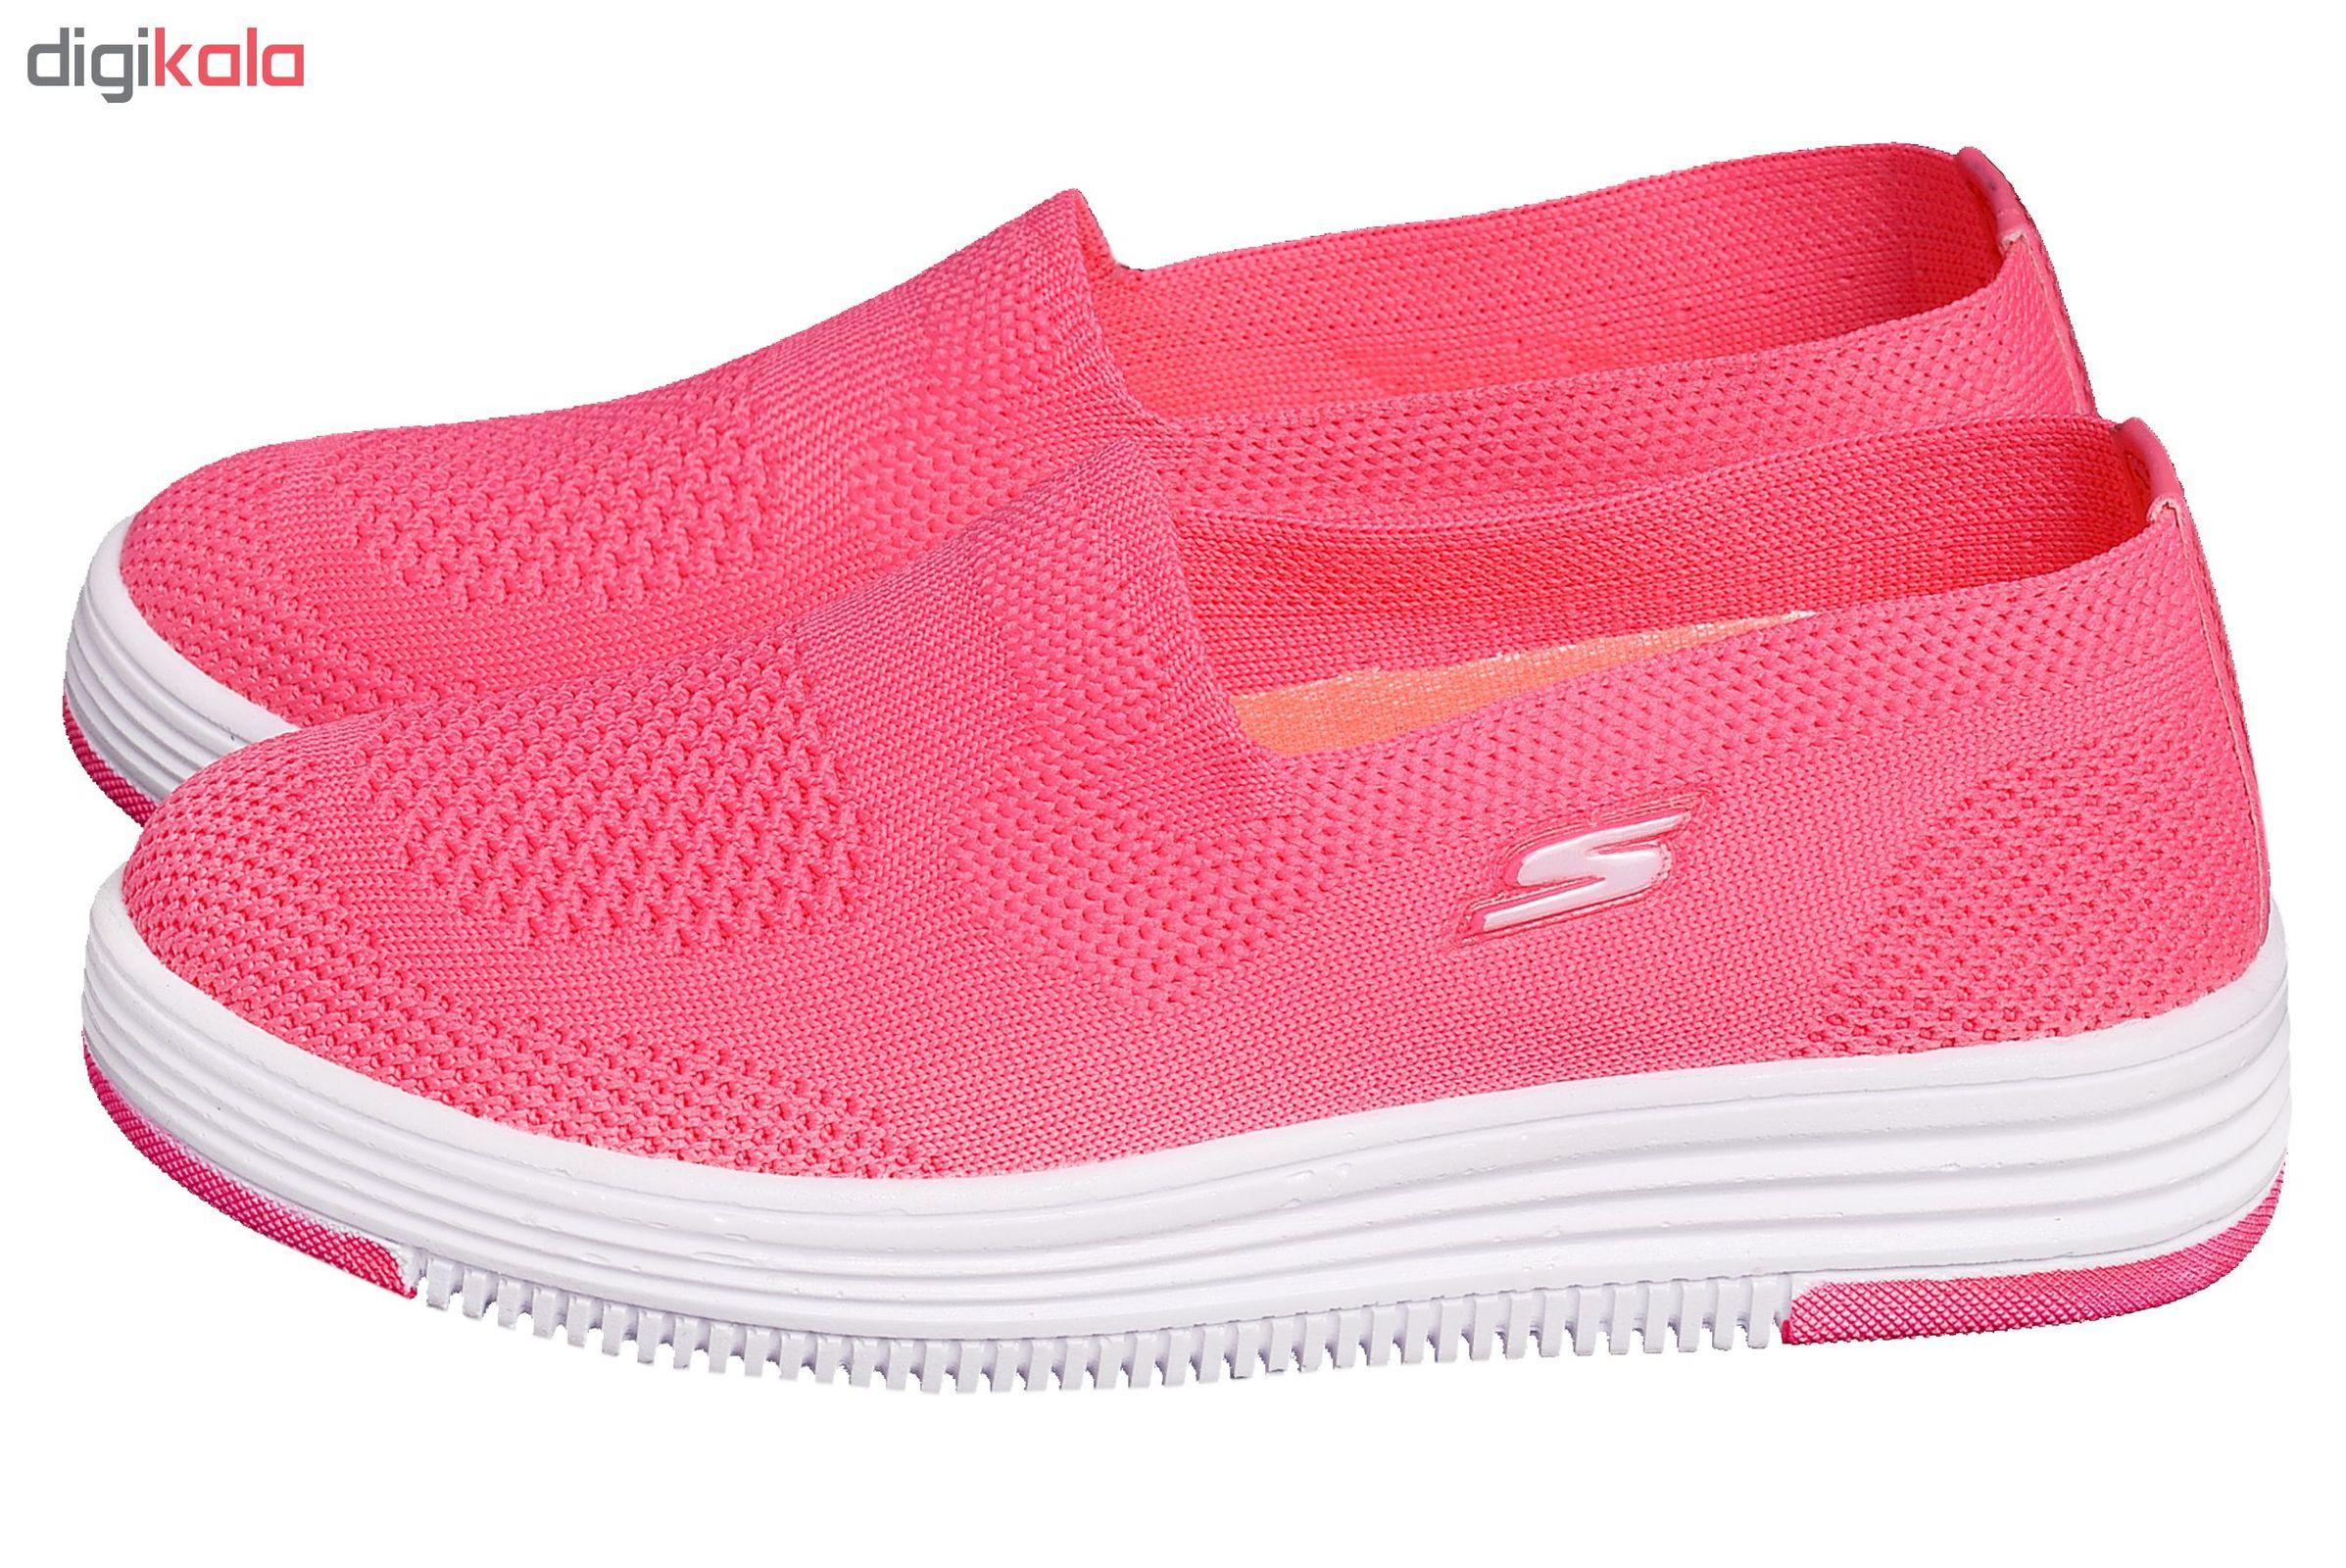 کفش راحتی دخترانه کد 3500-3 main 1 1